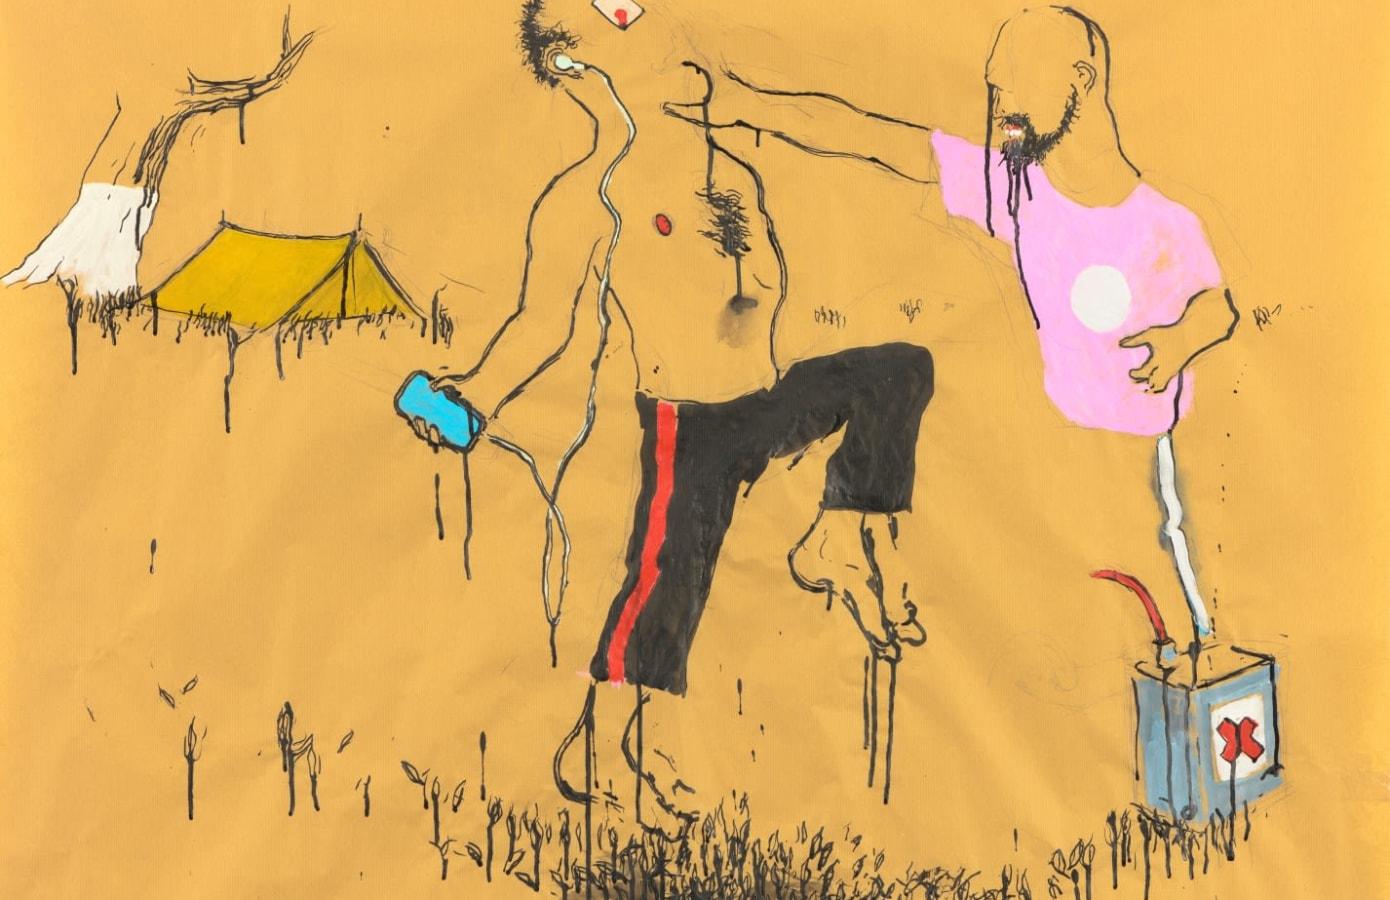 Art on Paper Brussel, Aaron van Erp, Raquel Maulwurf, Ruri Matsumoto,